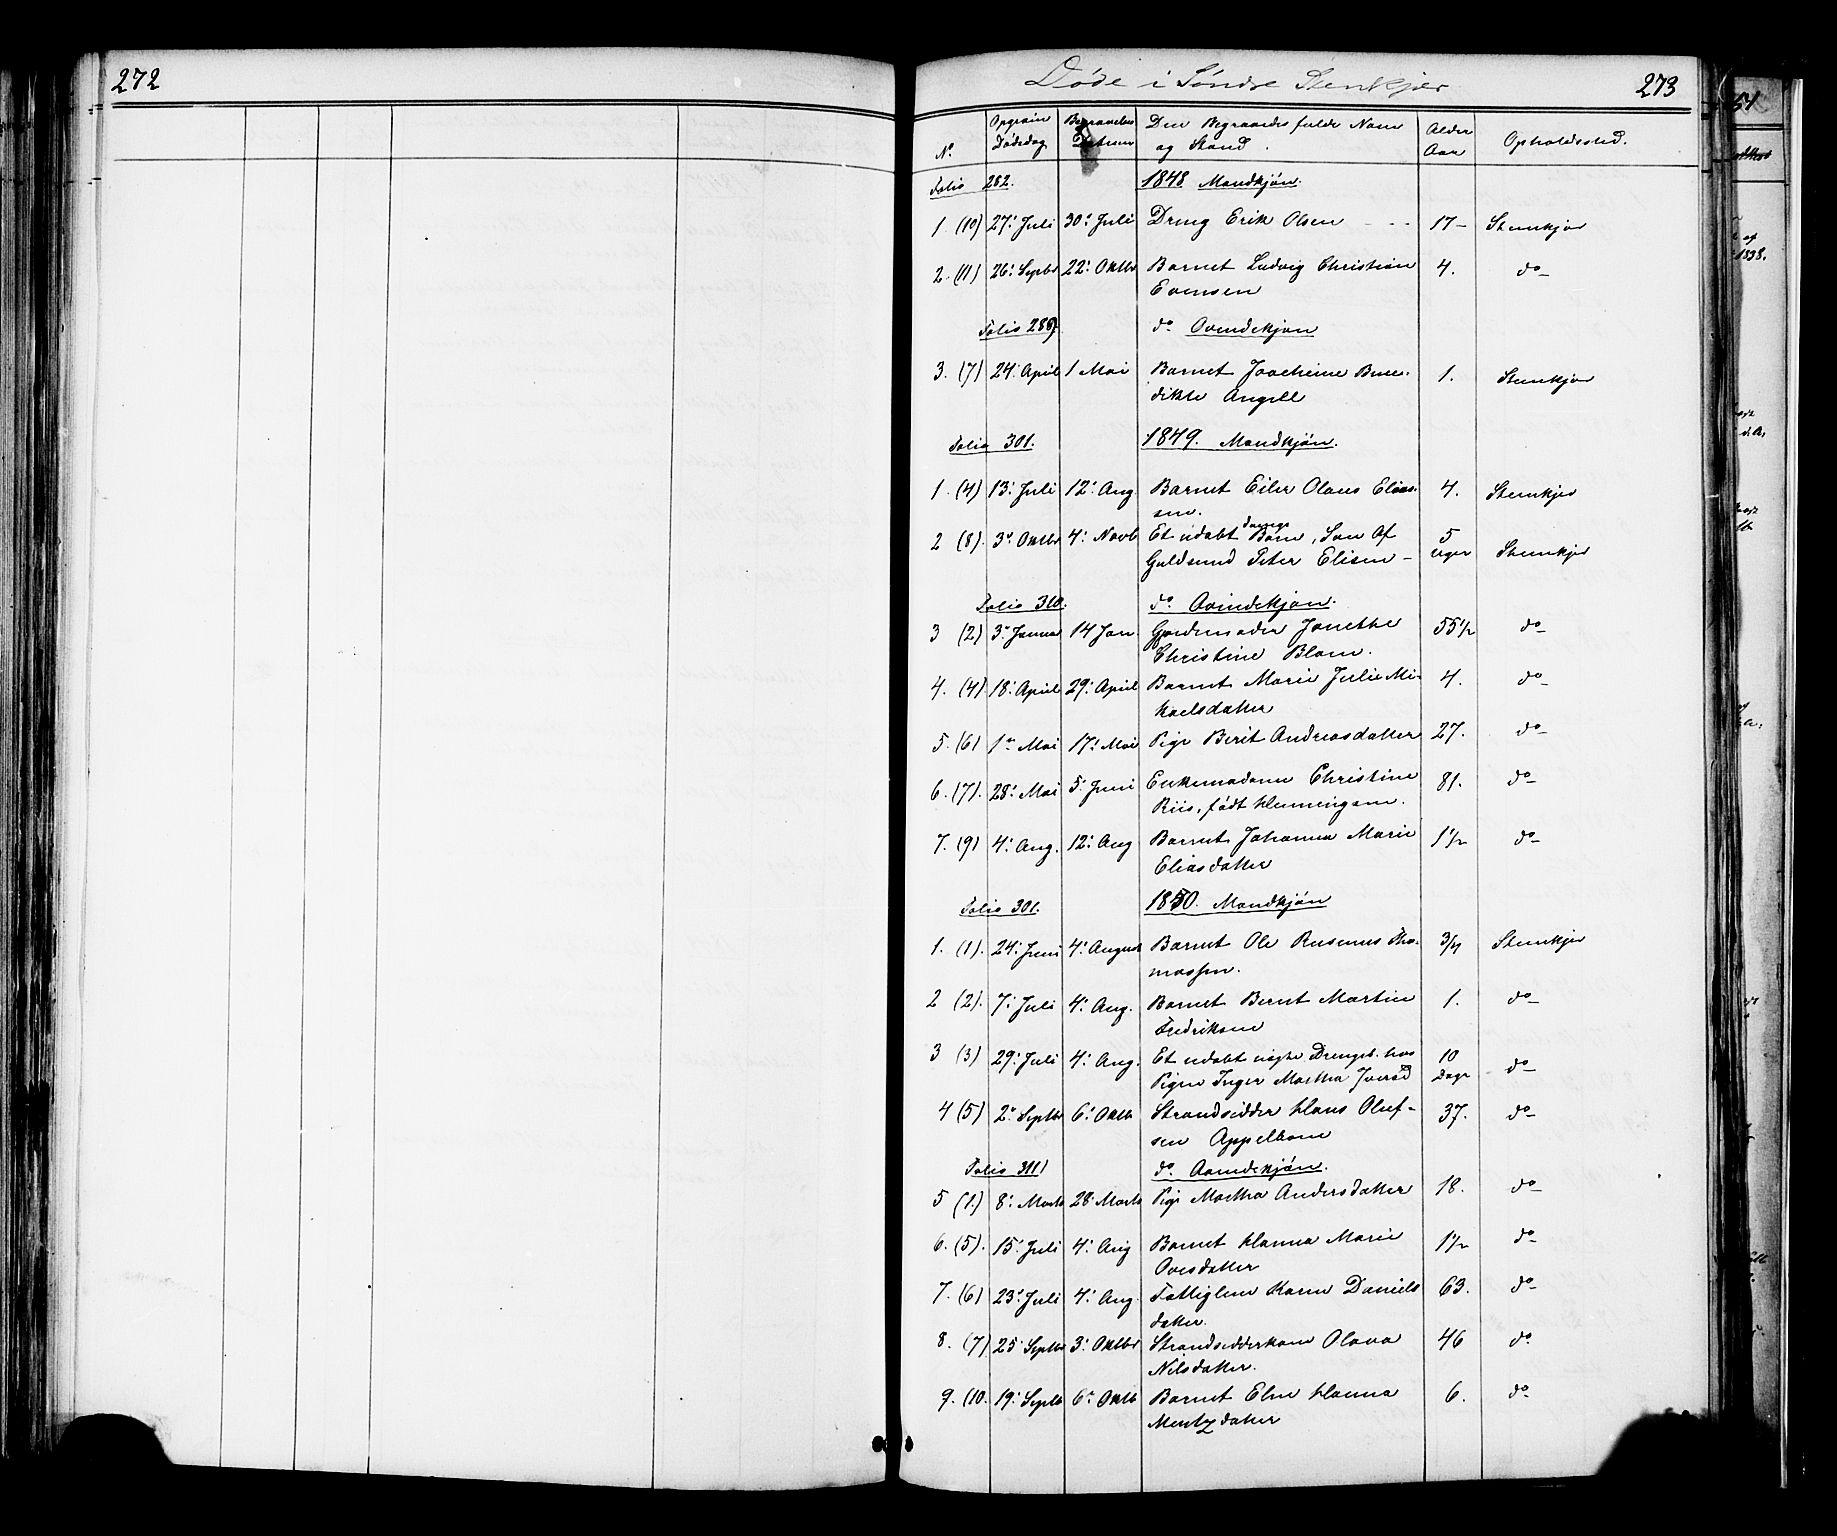 SAT, Ministerialprotokoller, klokkerbøker og fødselsregistre - Nord-Trøndelag, 739/L0367: Ministerialbok nr. 739A01 /1, 1838-1868, s. 272-273